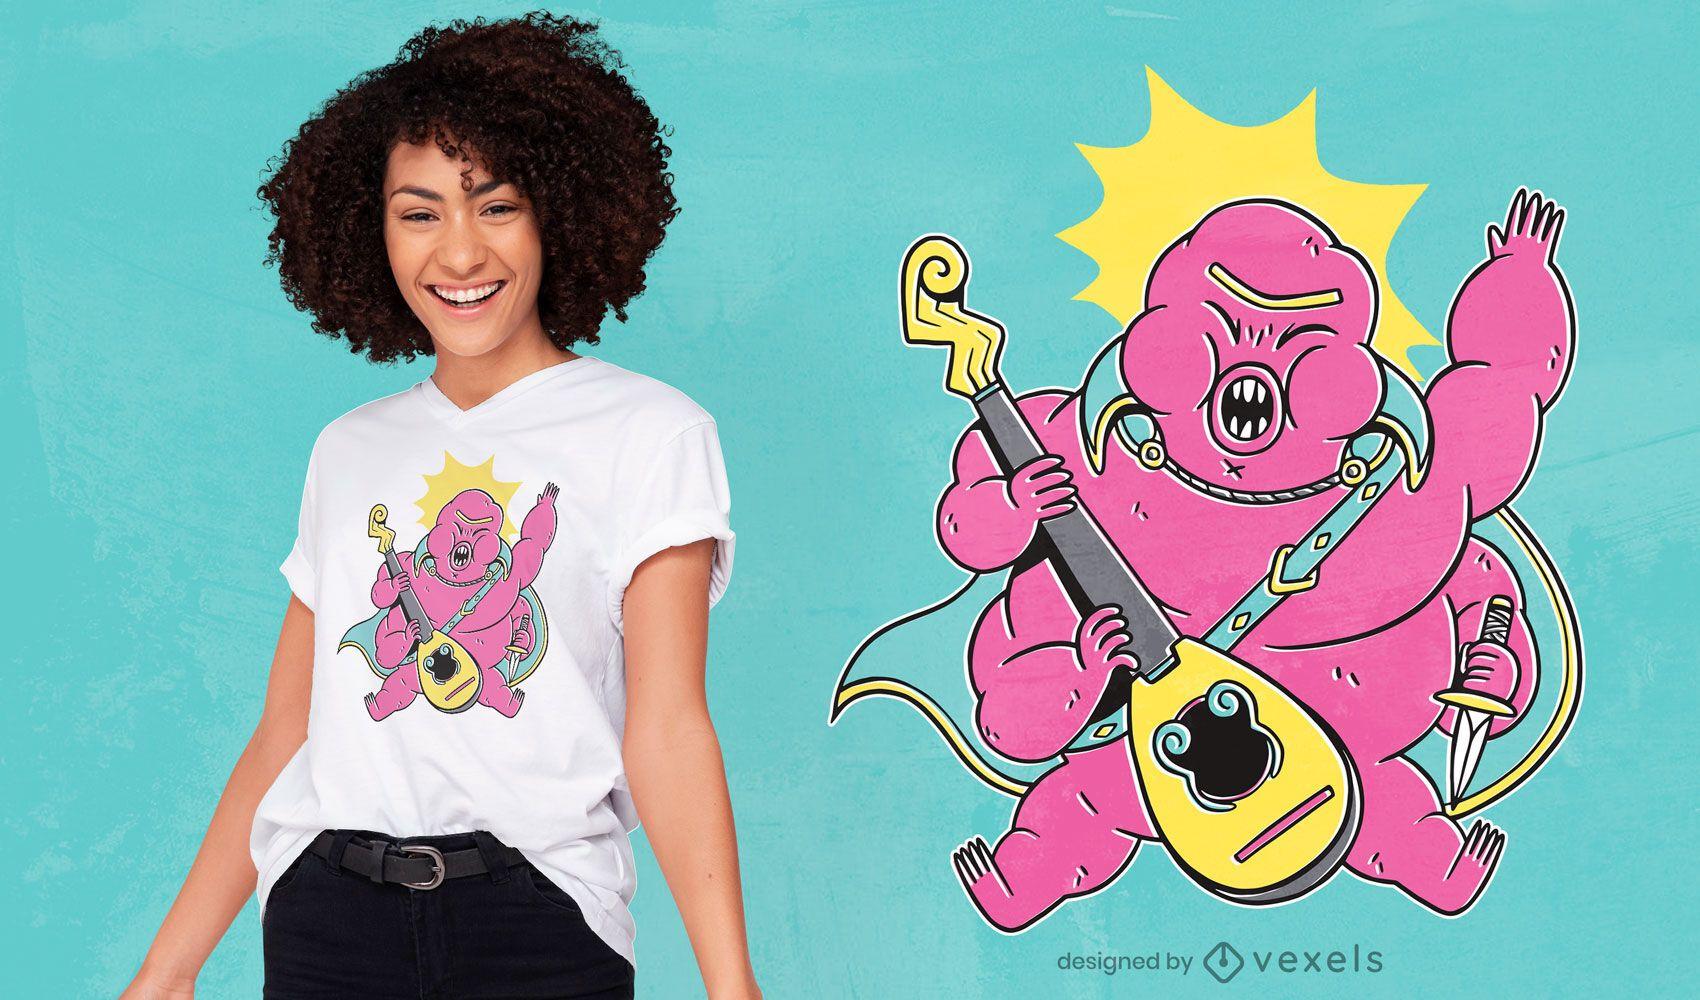 Design de t-shirt com personagem tardígrado